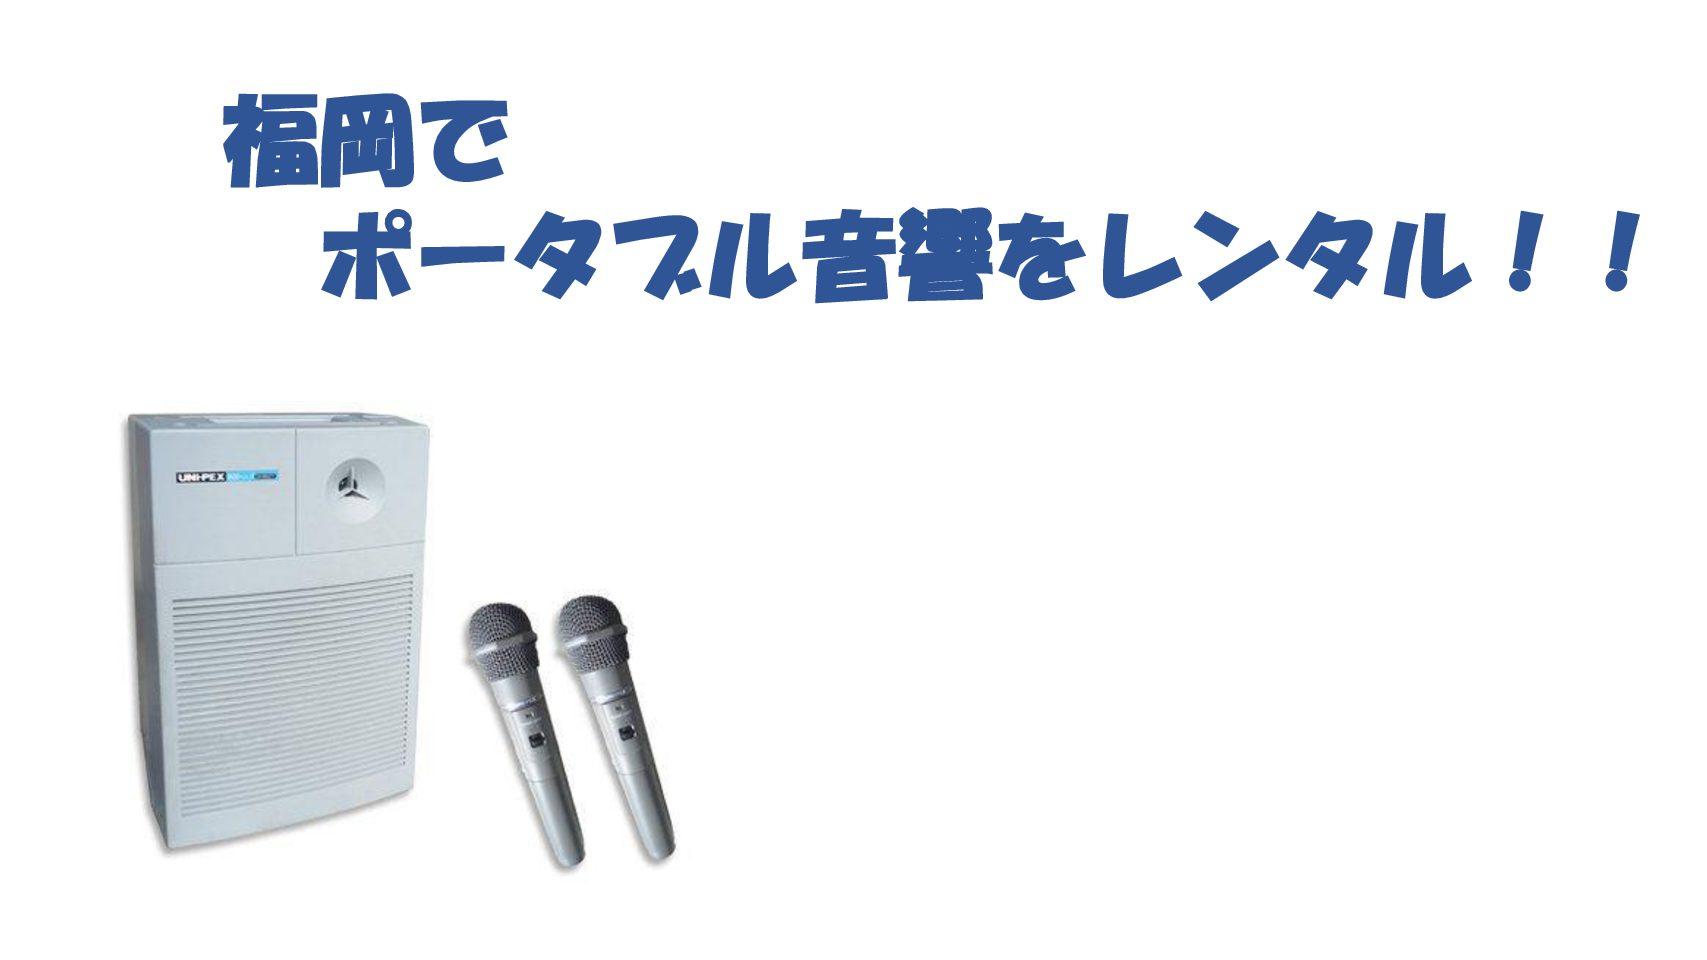 音響セットを福岡でレンタルしたい方へ